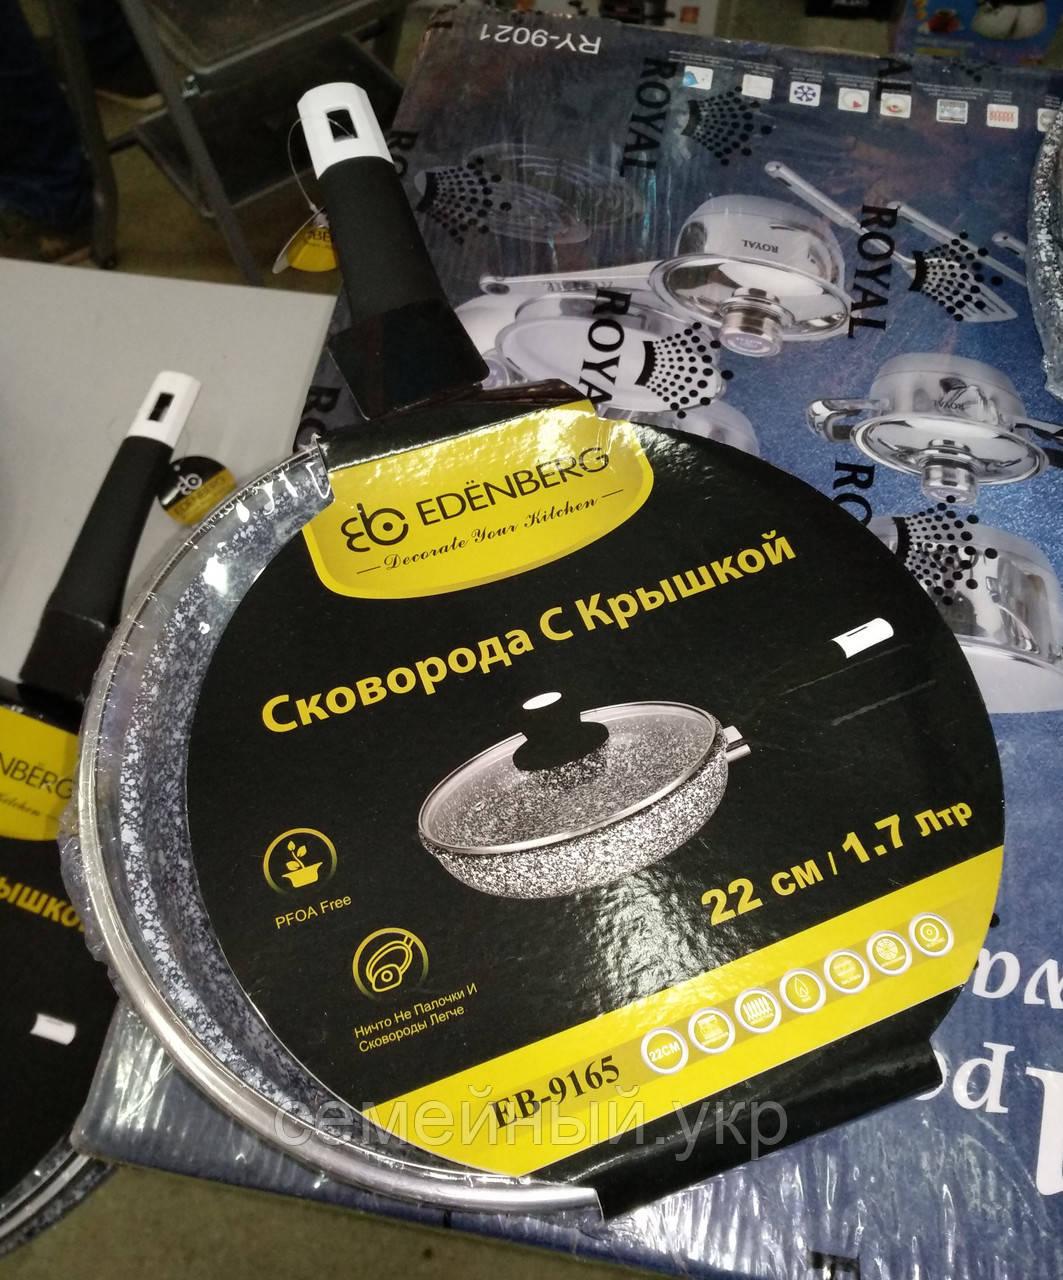 Сковорода гранитная с крышкой EDENBERG EB-9165 (22 см, 1.7 л)